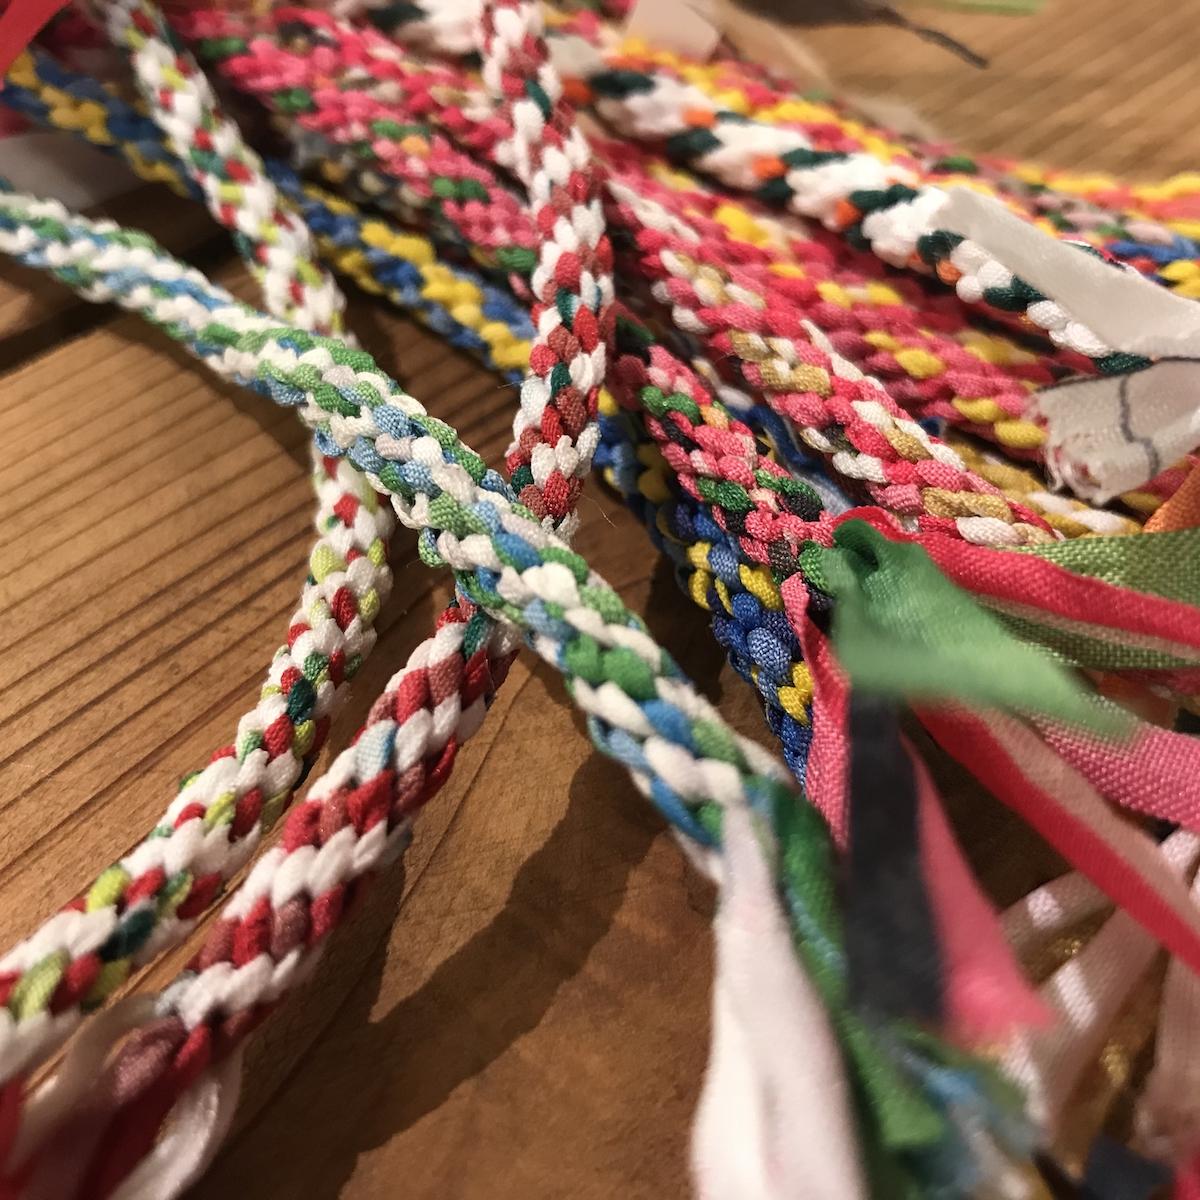 商業施設の懸垂幕を編んだ紐